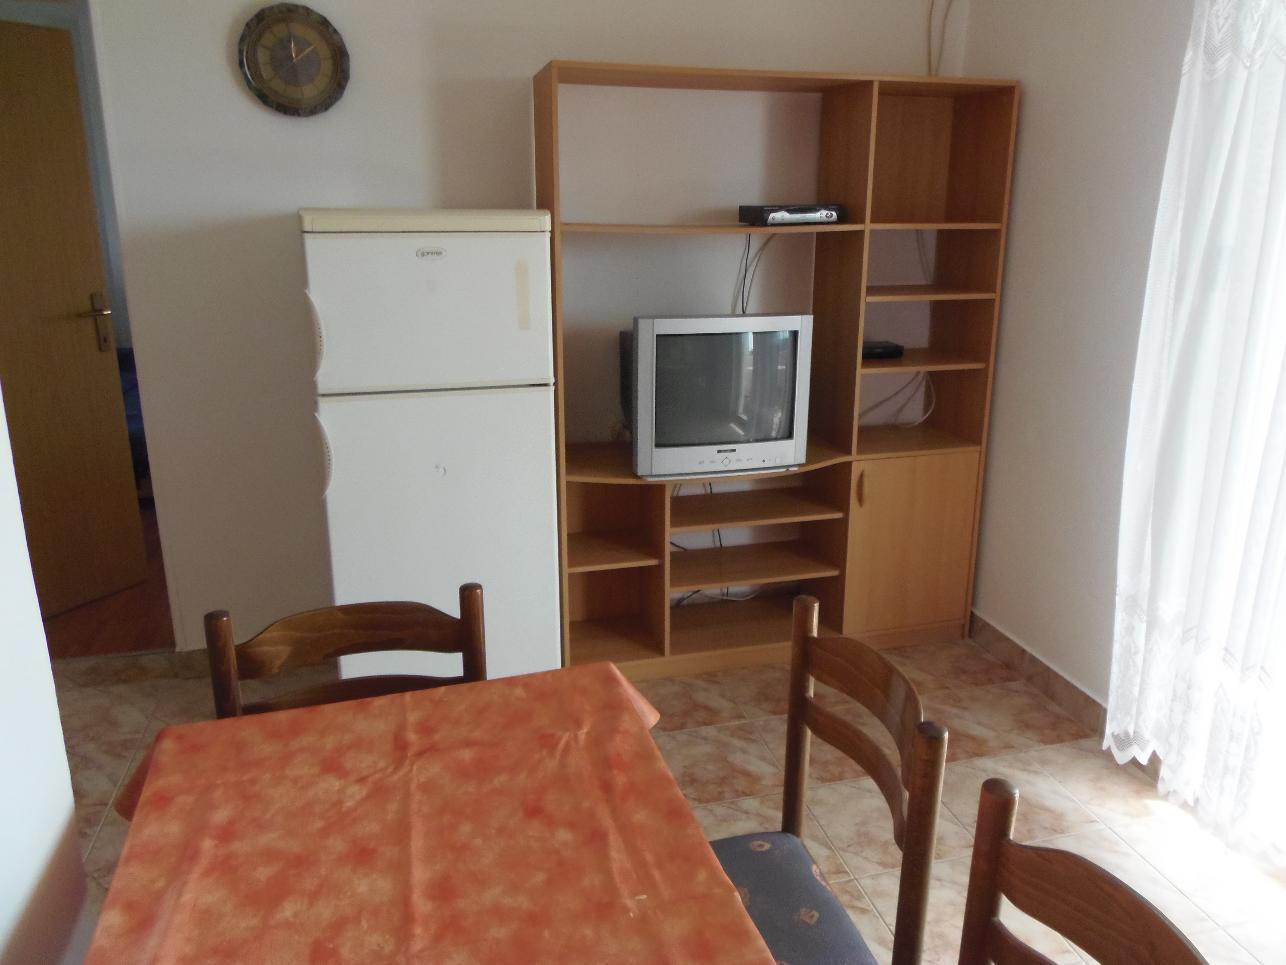 2235 - Povljana - Appartementen Kroatië - A1 mali (2+2): eetkamer